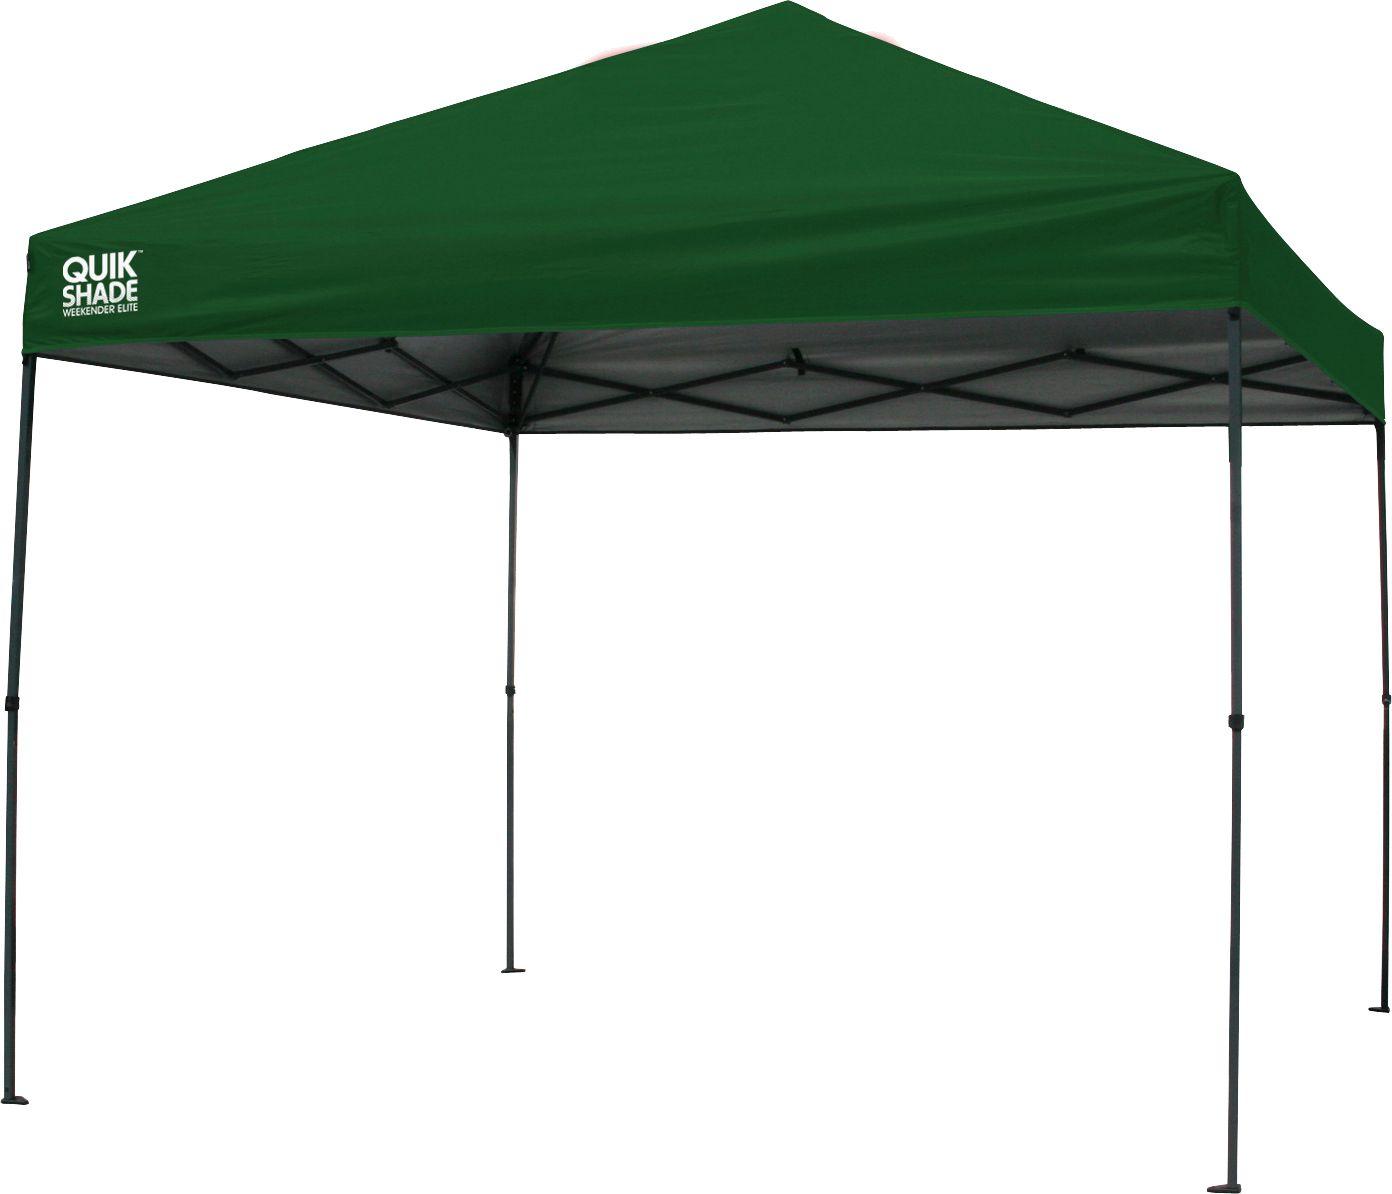 noImageFound  sc 1 st  DICKu0027S Sporting Goods & Quik Shade Weekender Elite WE100 10u0027 x 10u0027 Instant Canopy | DICKu0027S ...